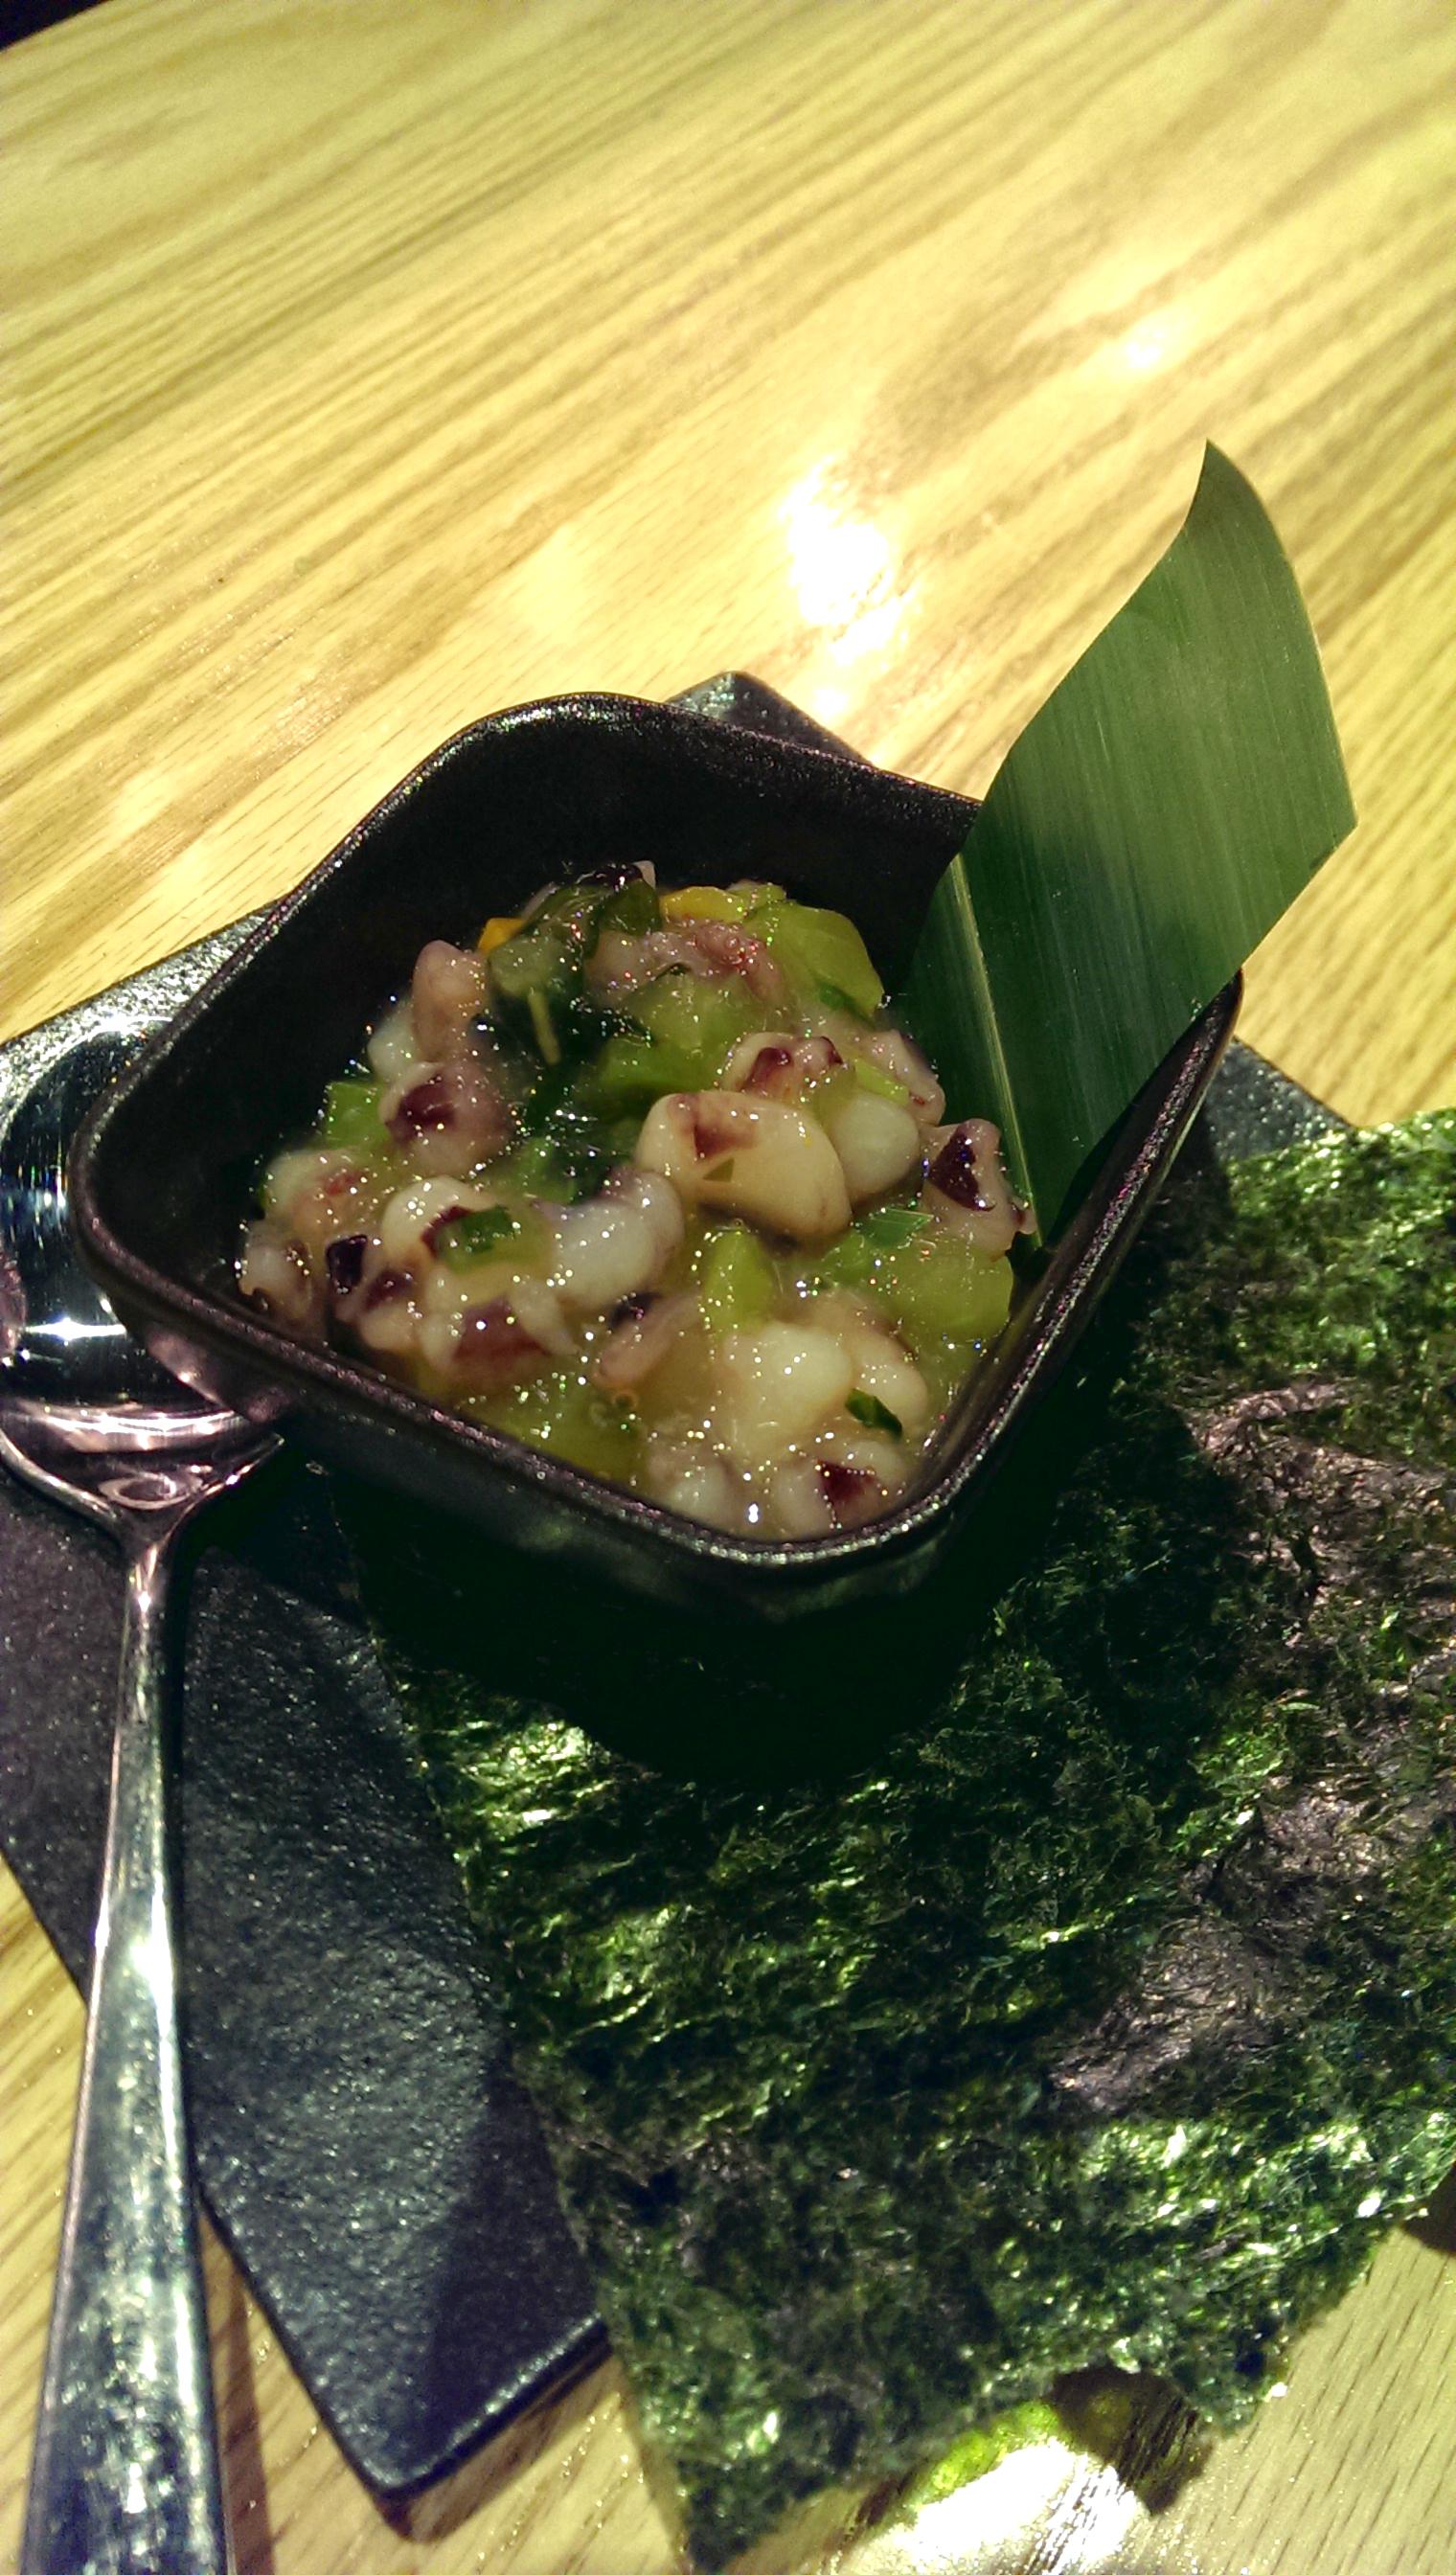 Takowasabi (marinated octopus w. wasabi)